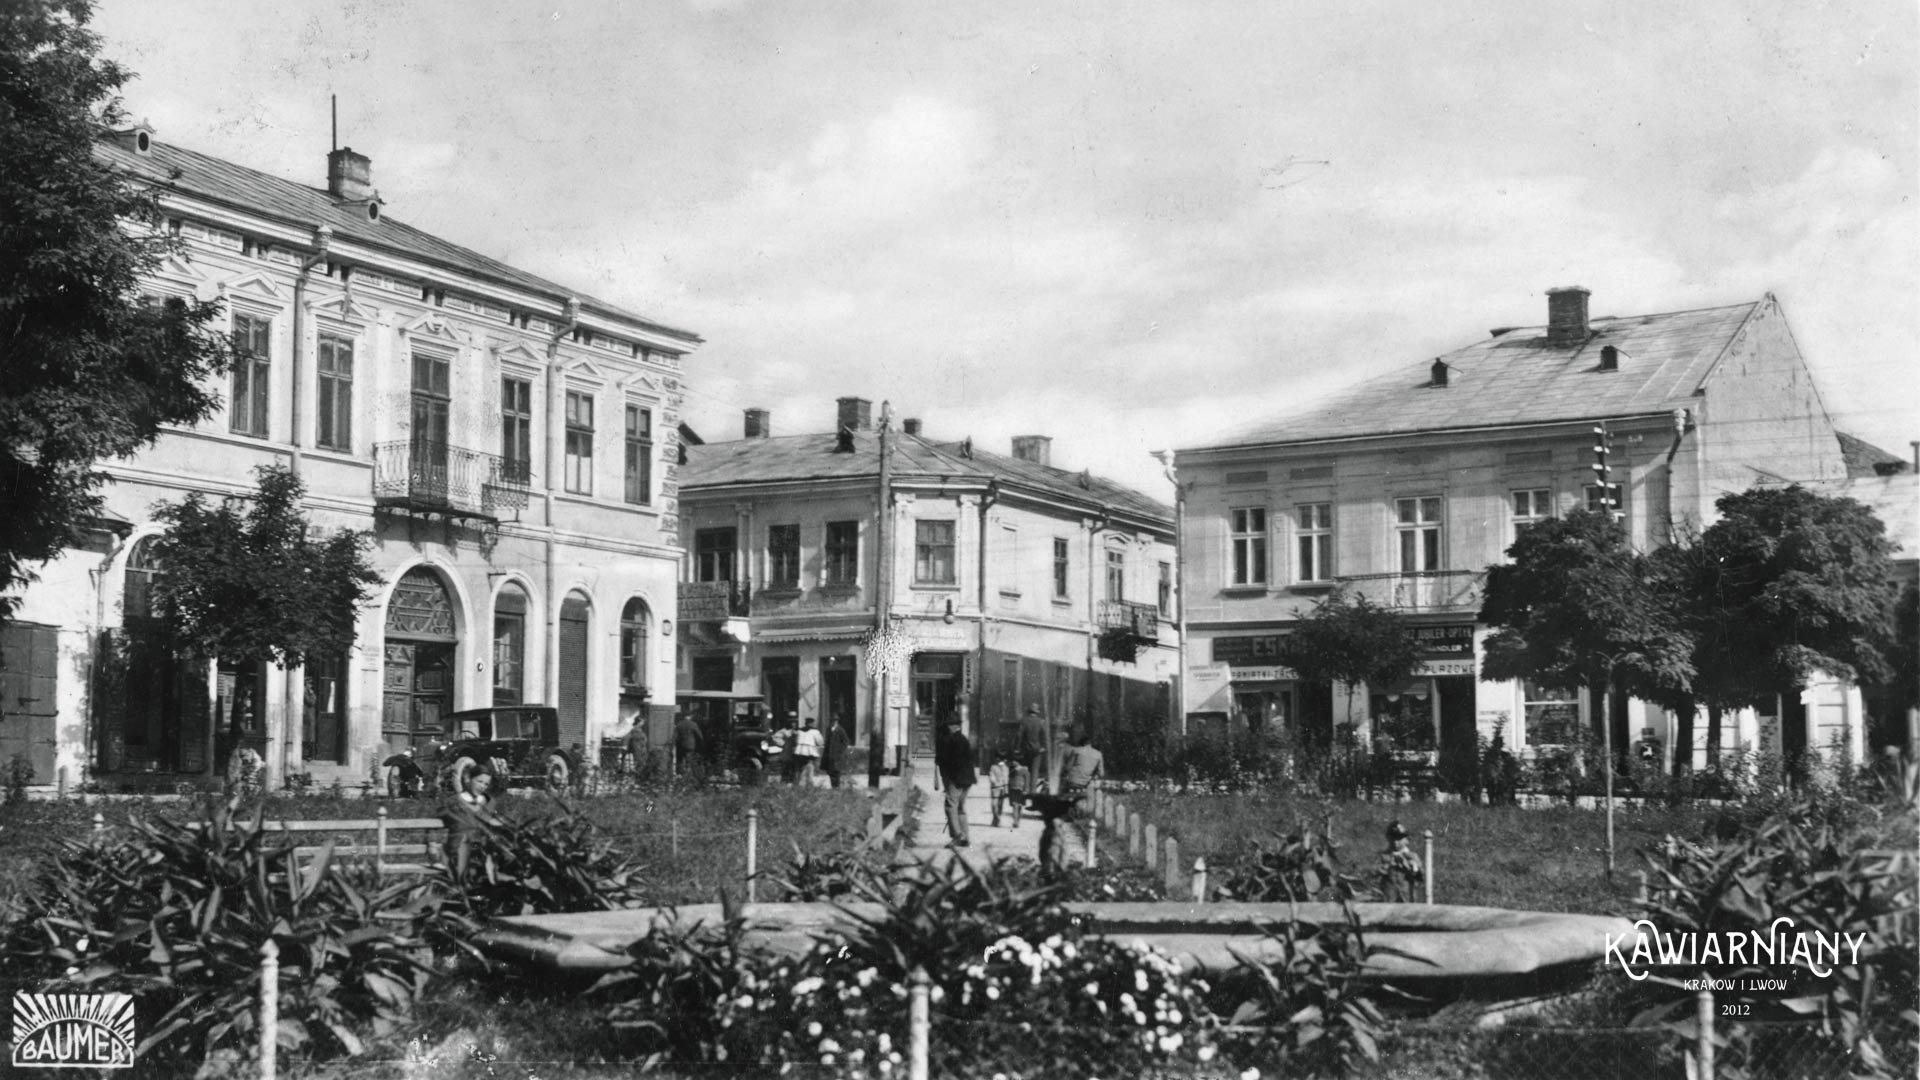 Zaleszczyki, Rynek, 1934, fot. w Domenie Publicznej, Maurycy Baumer